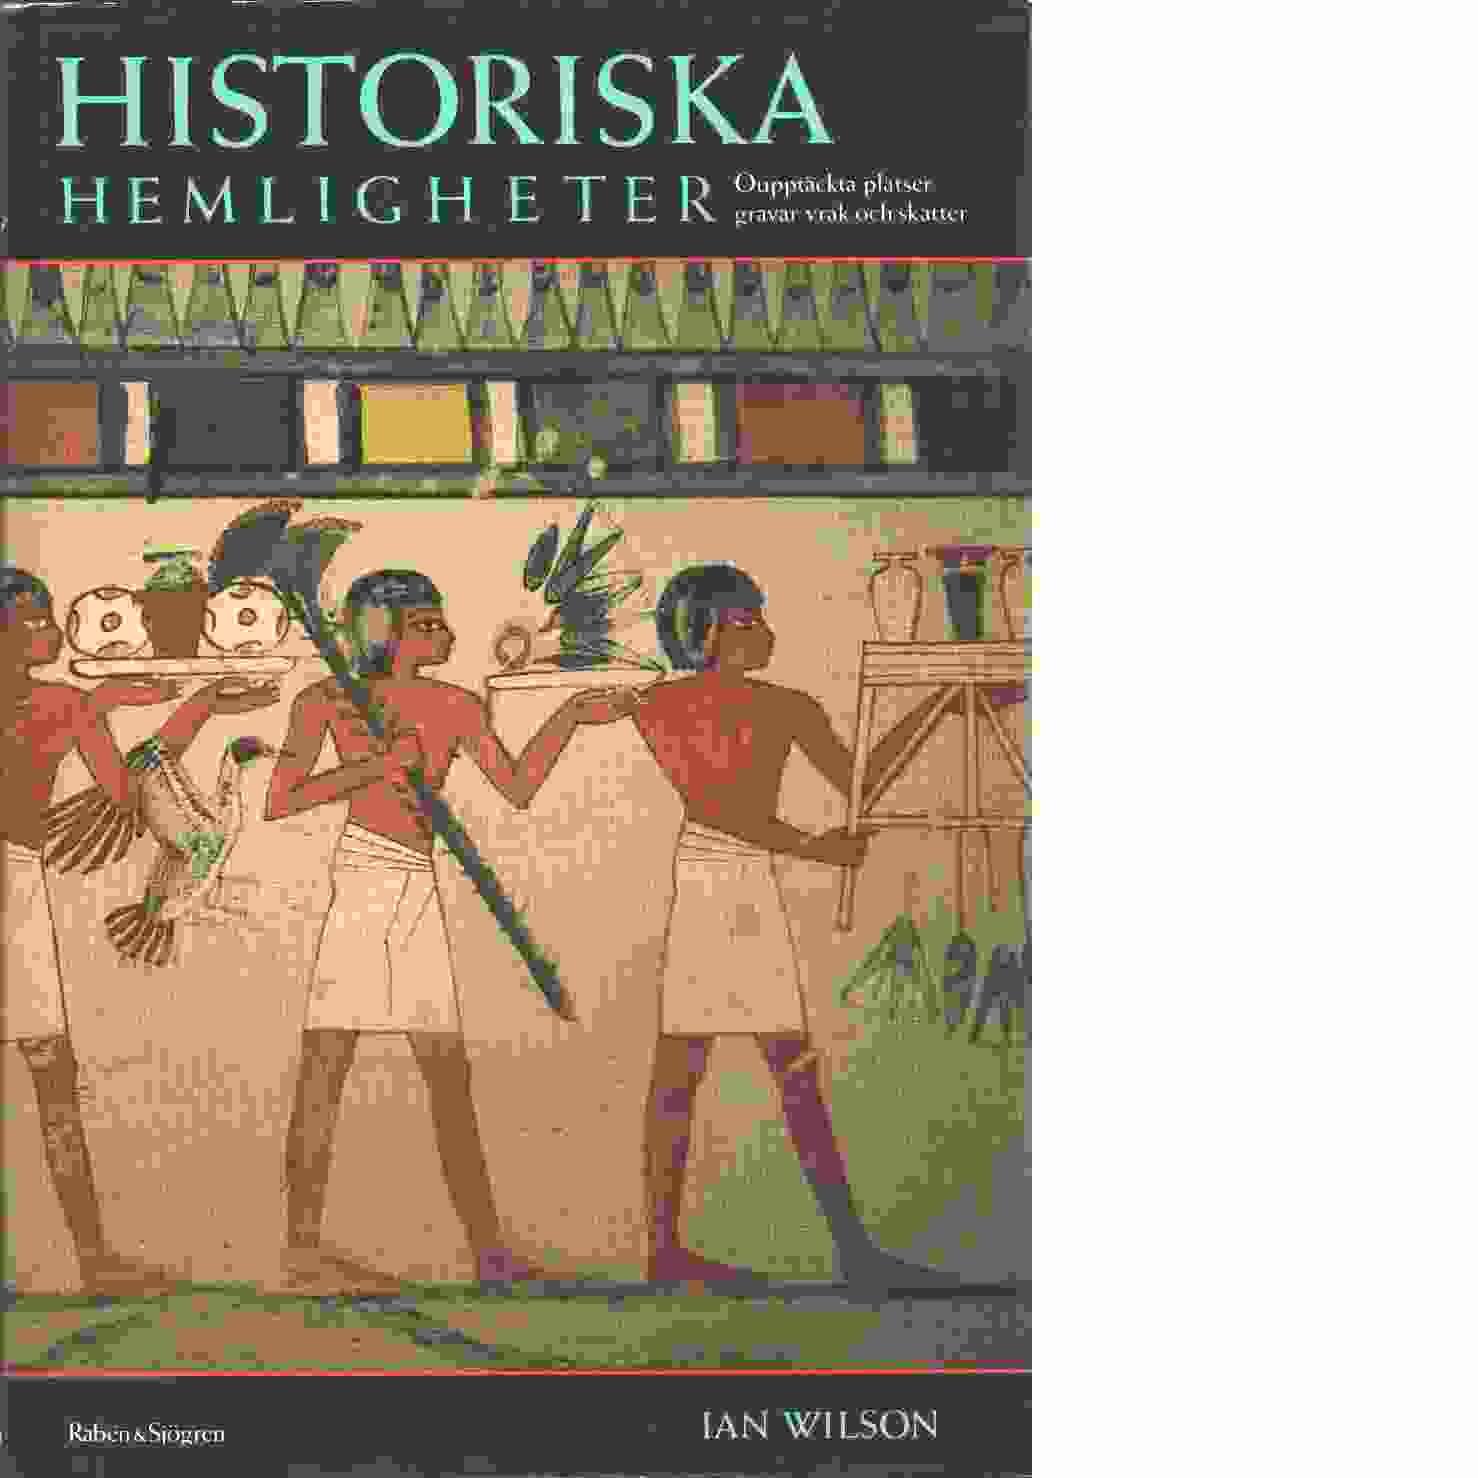 Historiska hemligheter : oupptäckta platser, gravar, vrak och skatter - Wilson, Ian